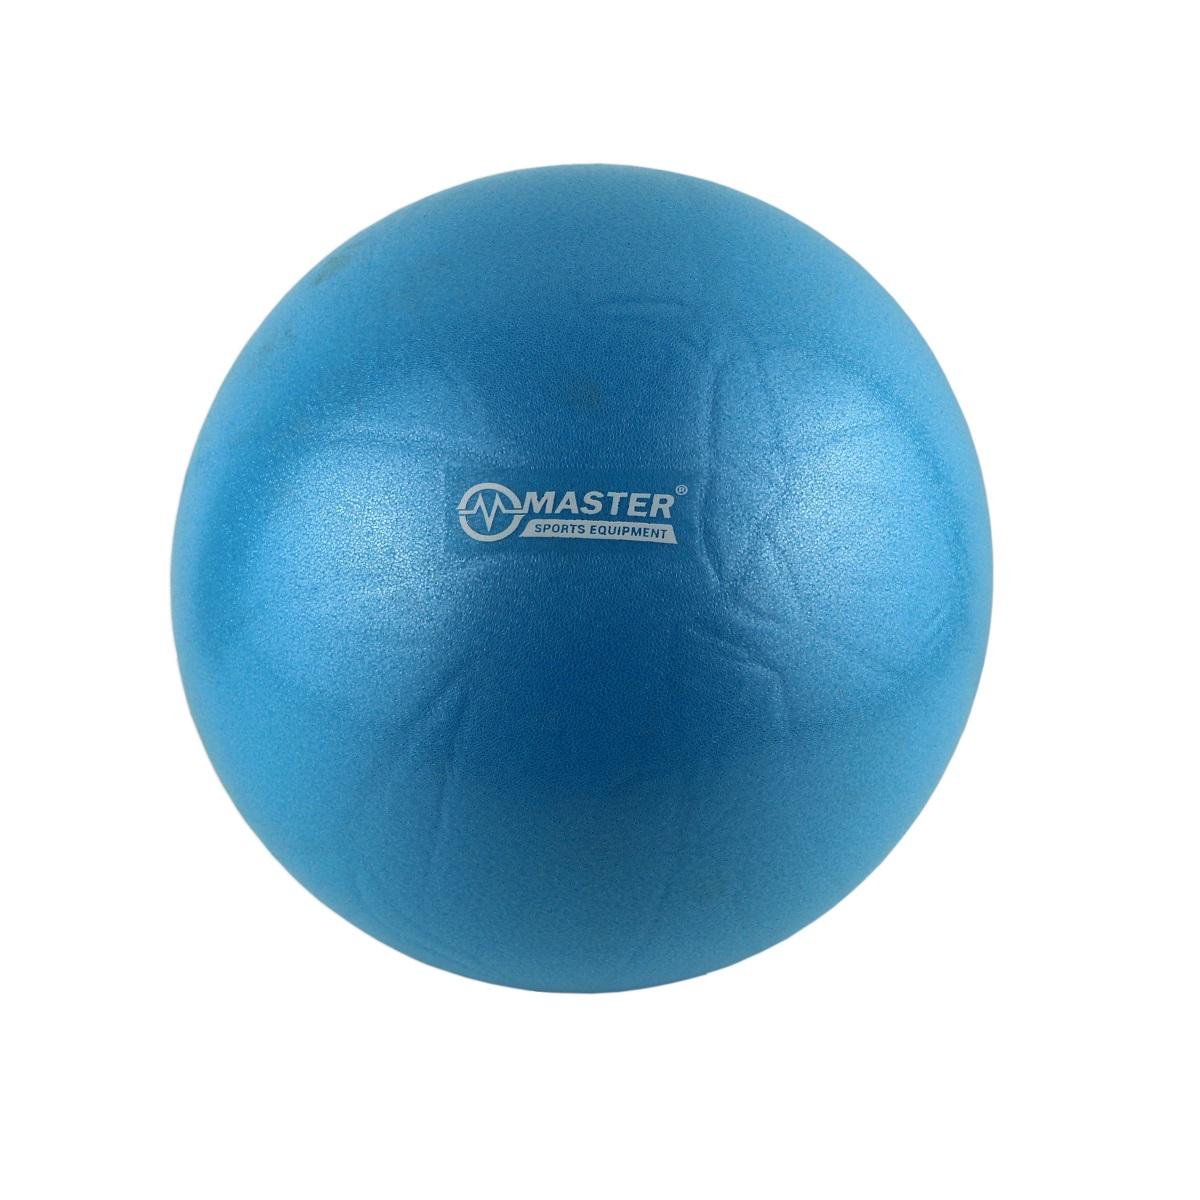 Gymnastický míč MASTER over ball - 26 cm - modrý